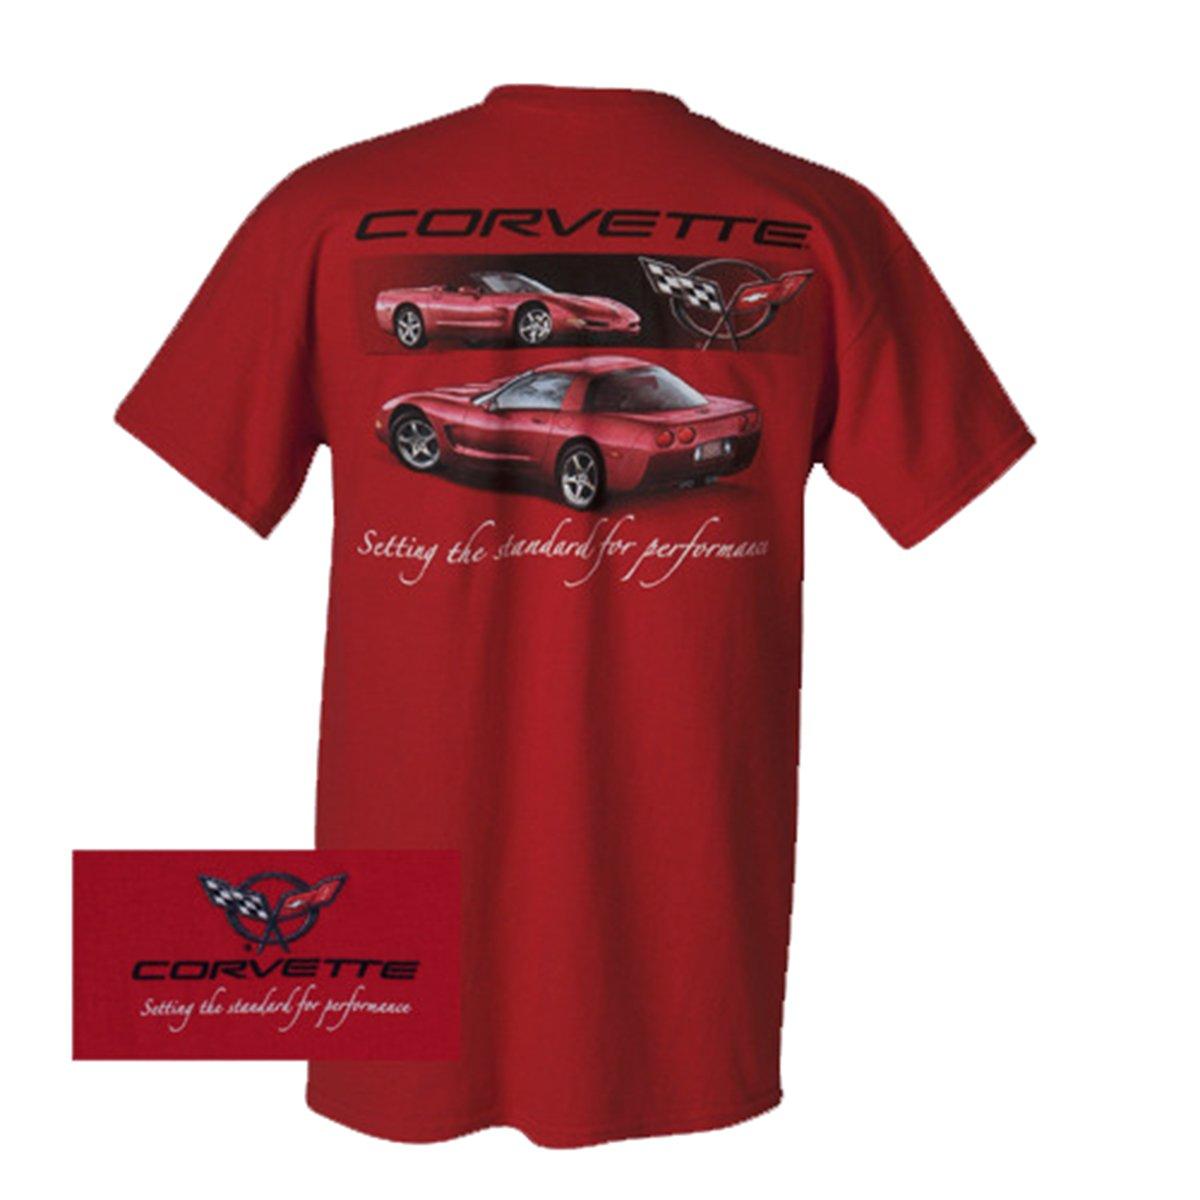 Mens T-Shirt by Joe Blow Tees 100/% Cotton CVSTS-parent Chevrolet 1997 to 2004 Corvette C5